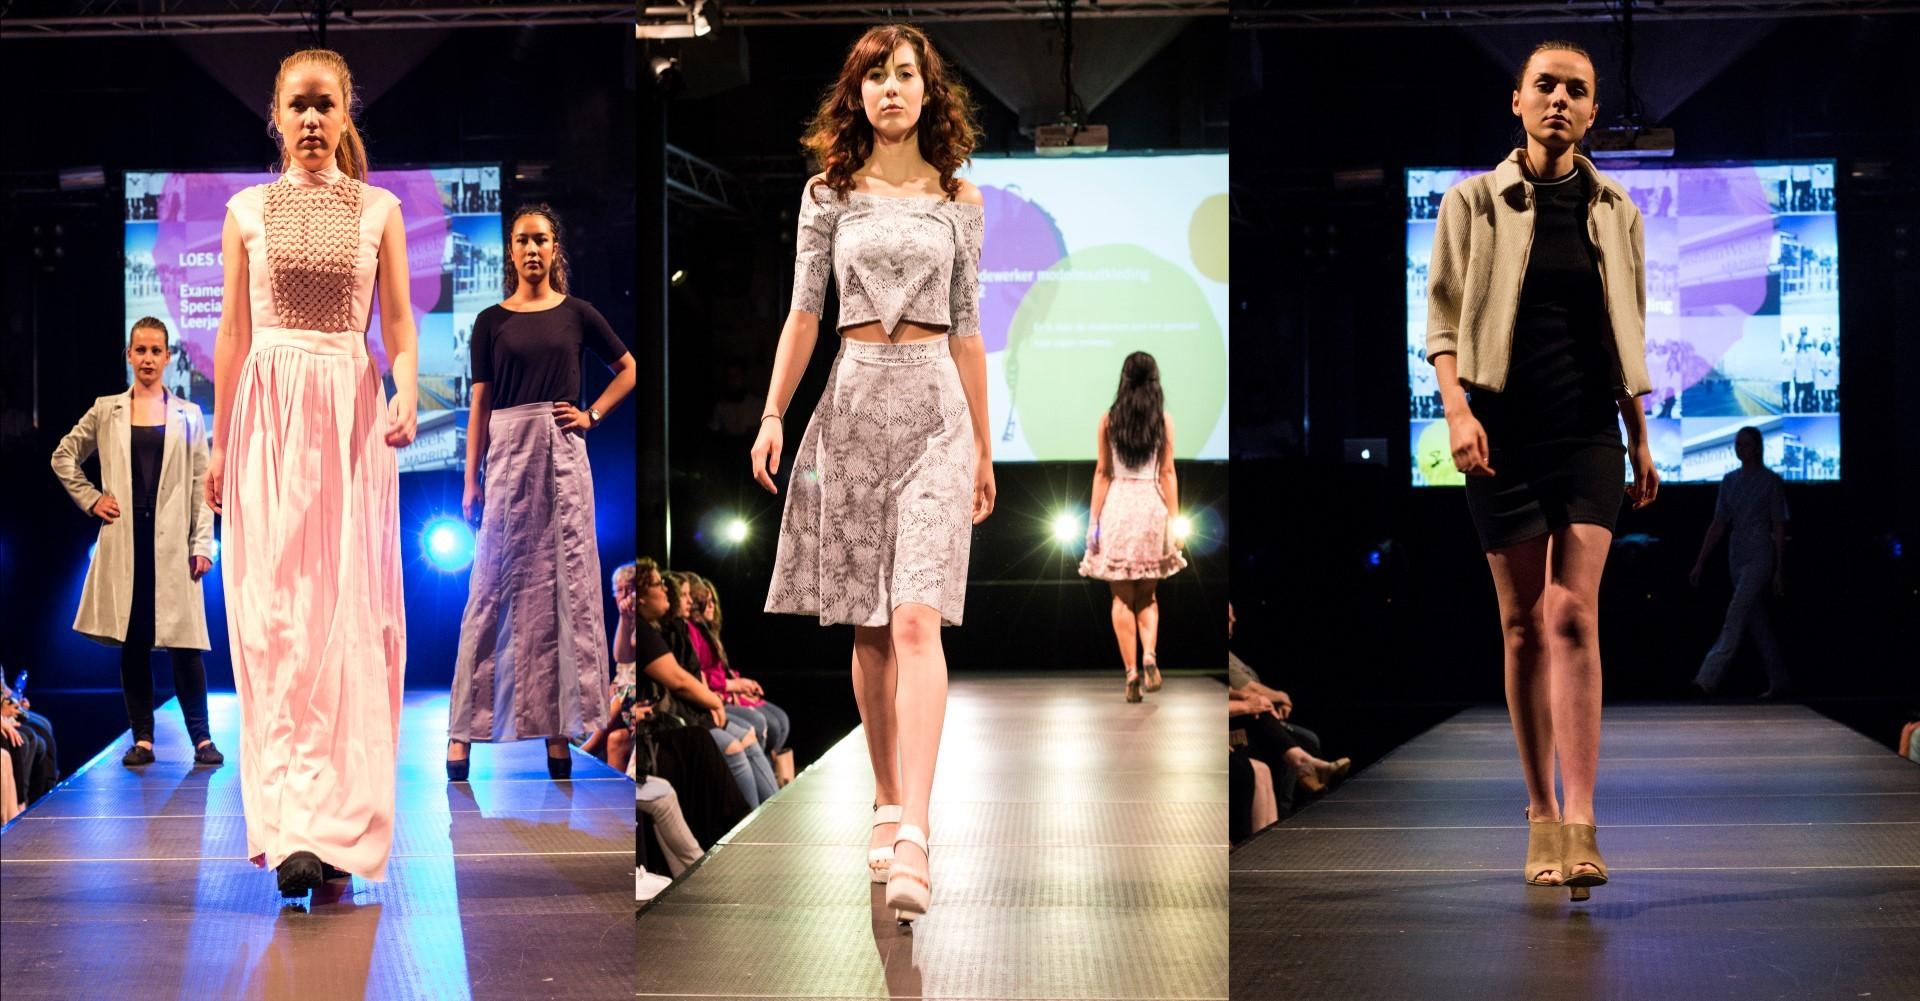 Prachtig Creaties Tijdens De Jaarlijkse Modeshow In De